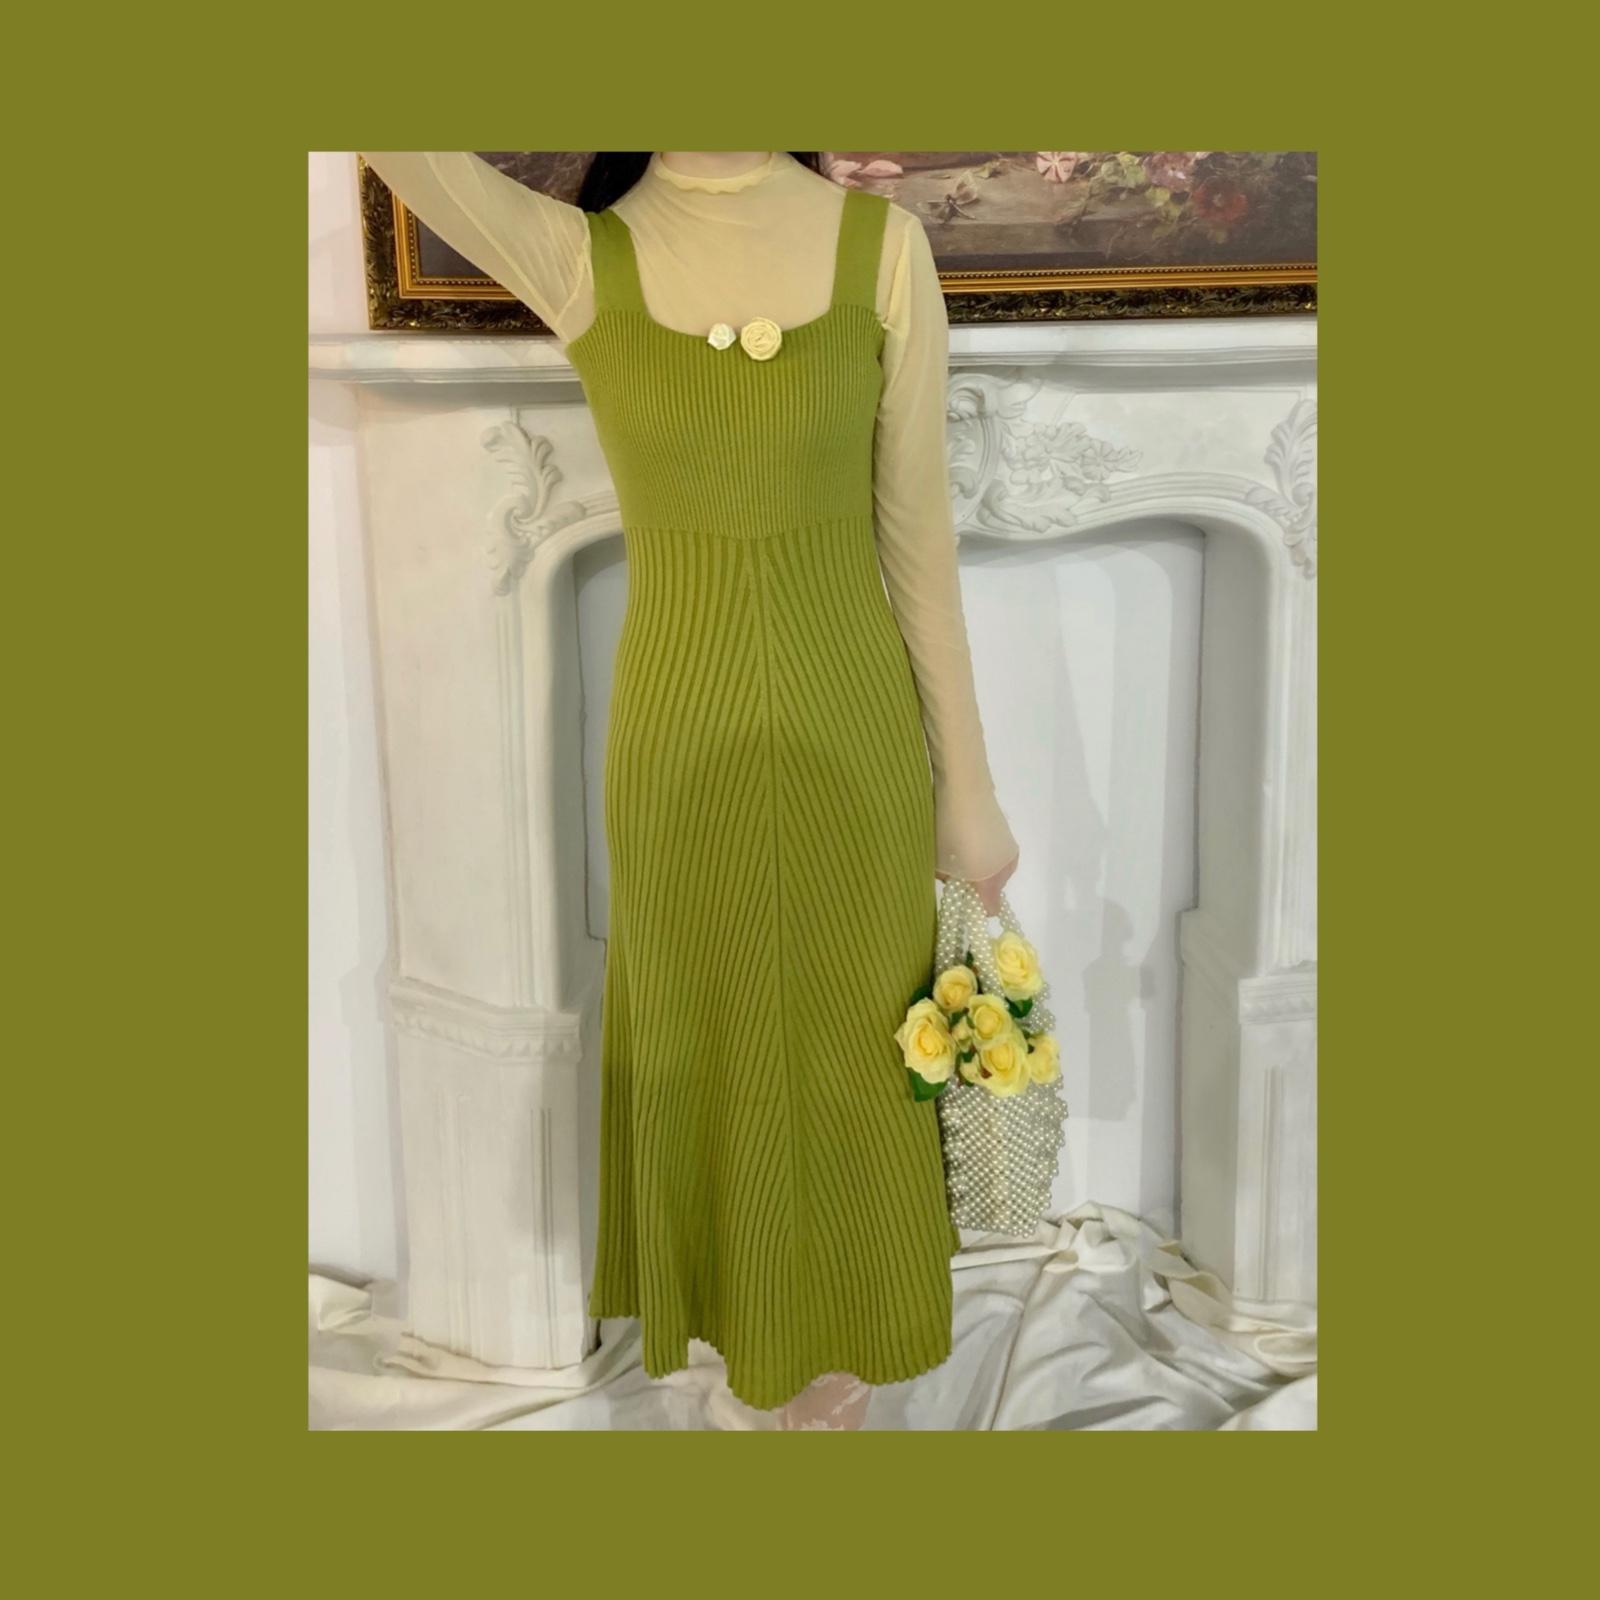 绿色连衣裙 晚时光 秋 复古奶油绿色针织连衣裙 黑色卡其色酒红色针织吊带裙_推荐淘宝好看的绿色连衣裙